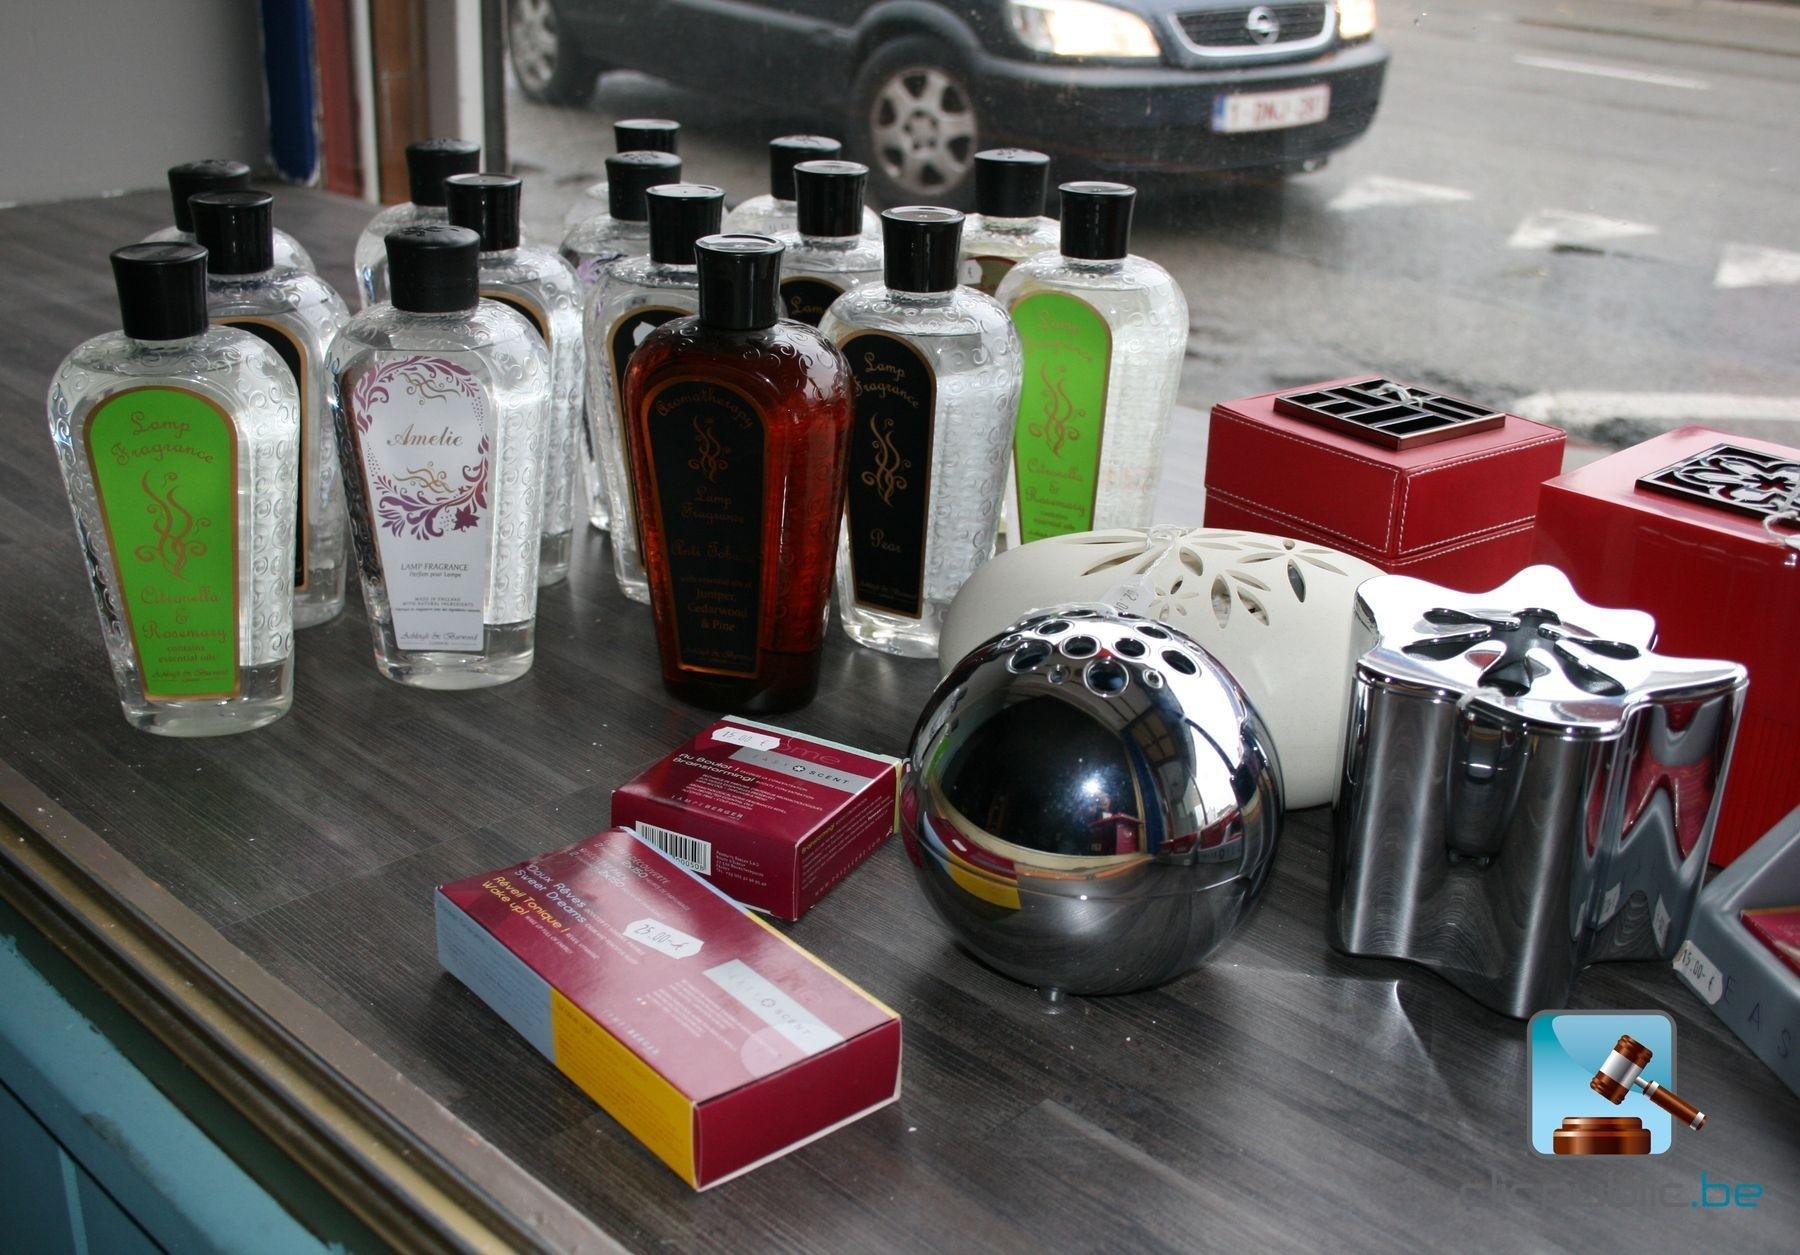 diffuseurs de parfums easycent lectriques et huiles de. Black Bedroom Furniture Sets. Home Design Ideas